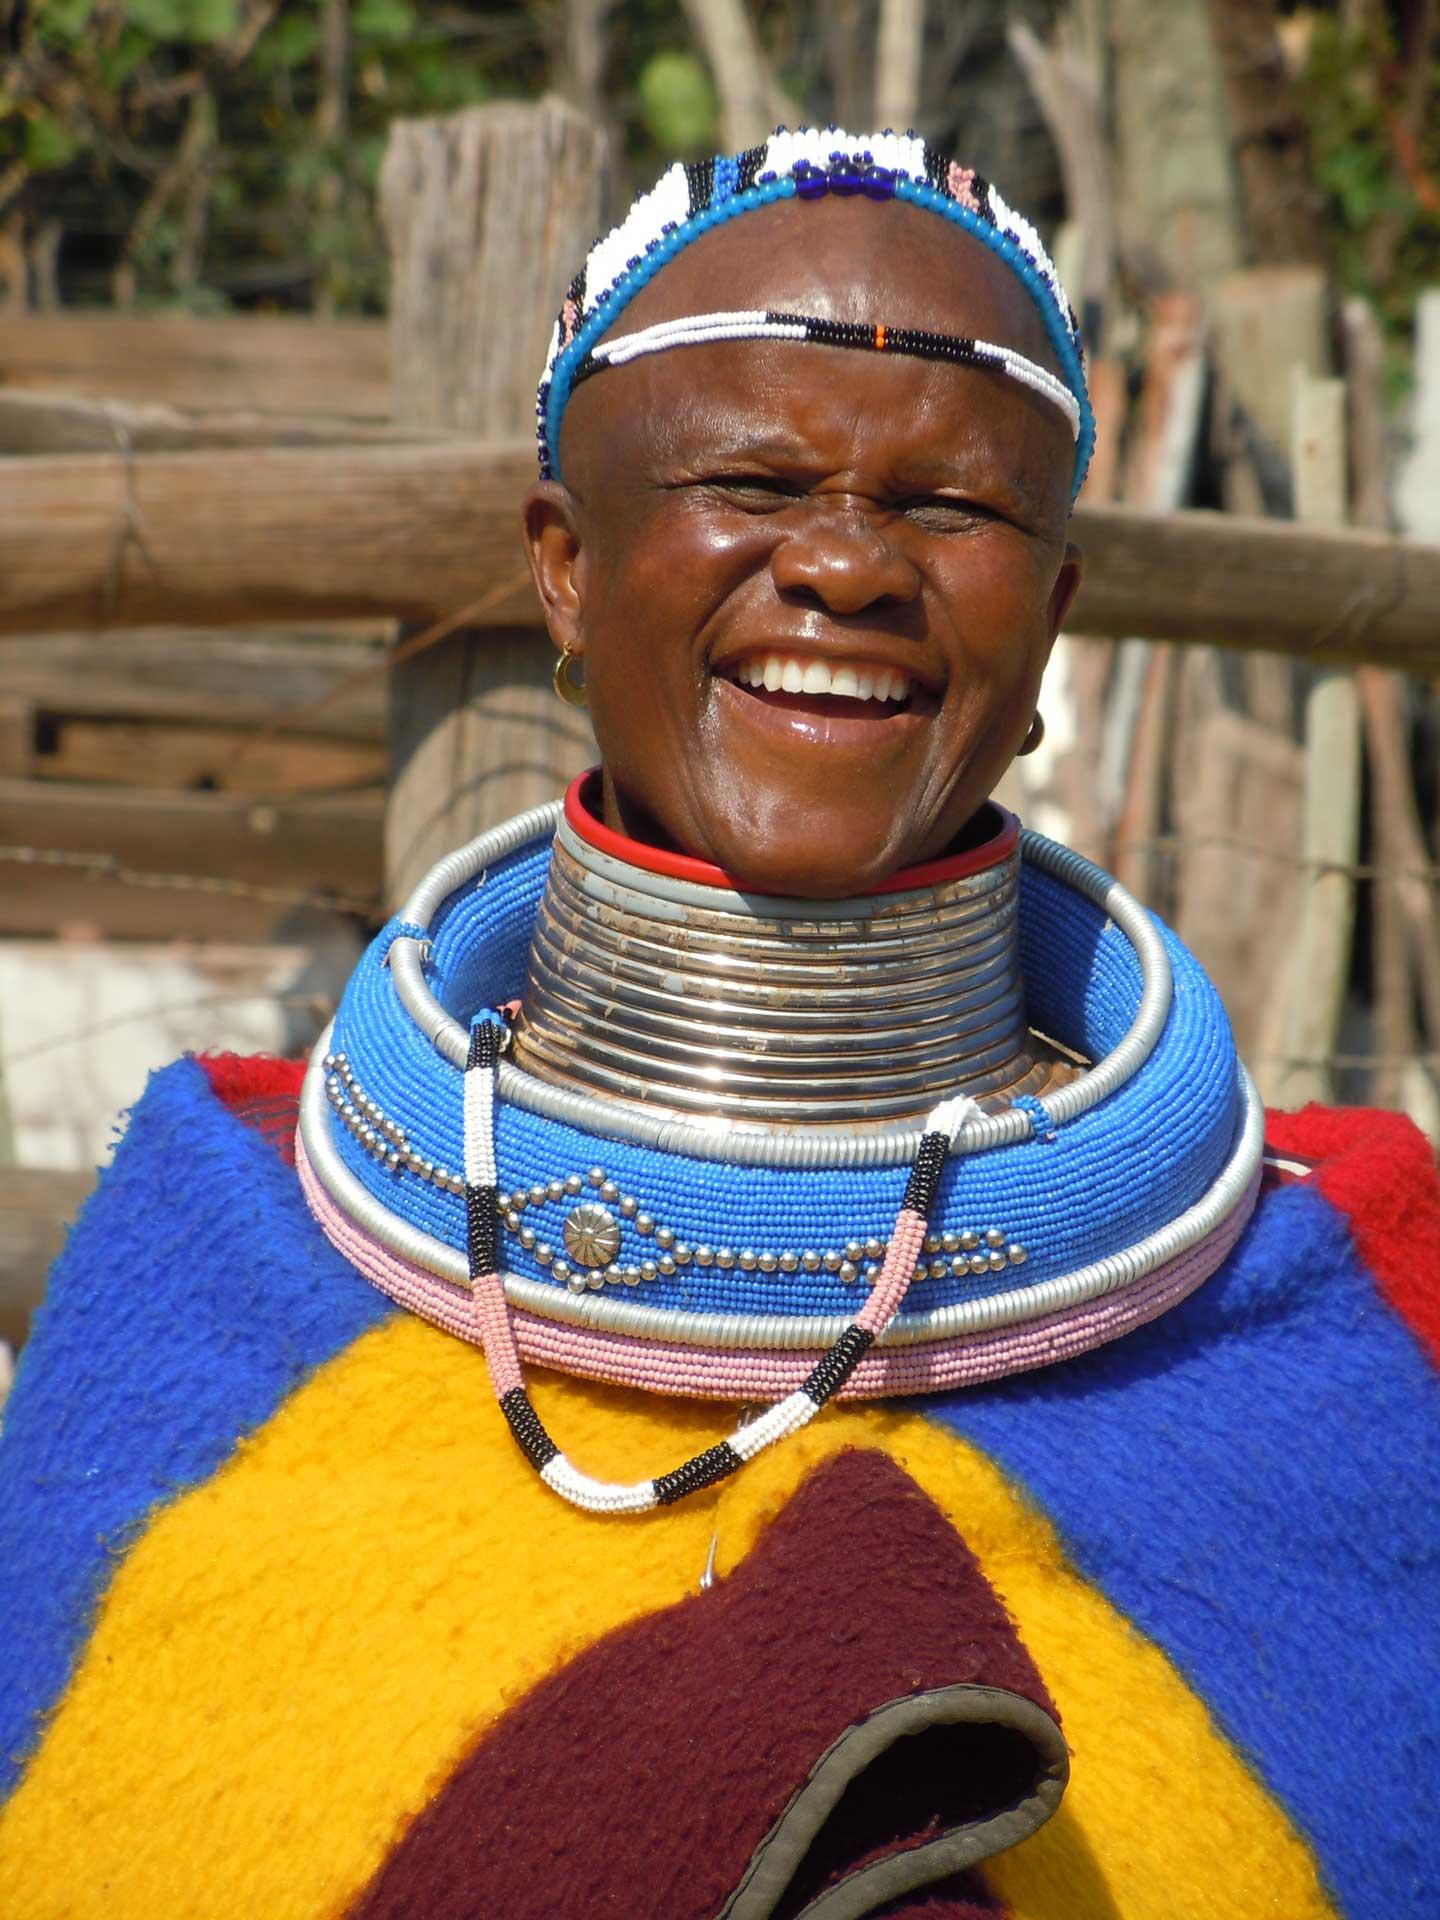 Upptäck den lokala kulturen och levnadssättet under grupp- och konferensresan i Botswana